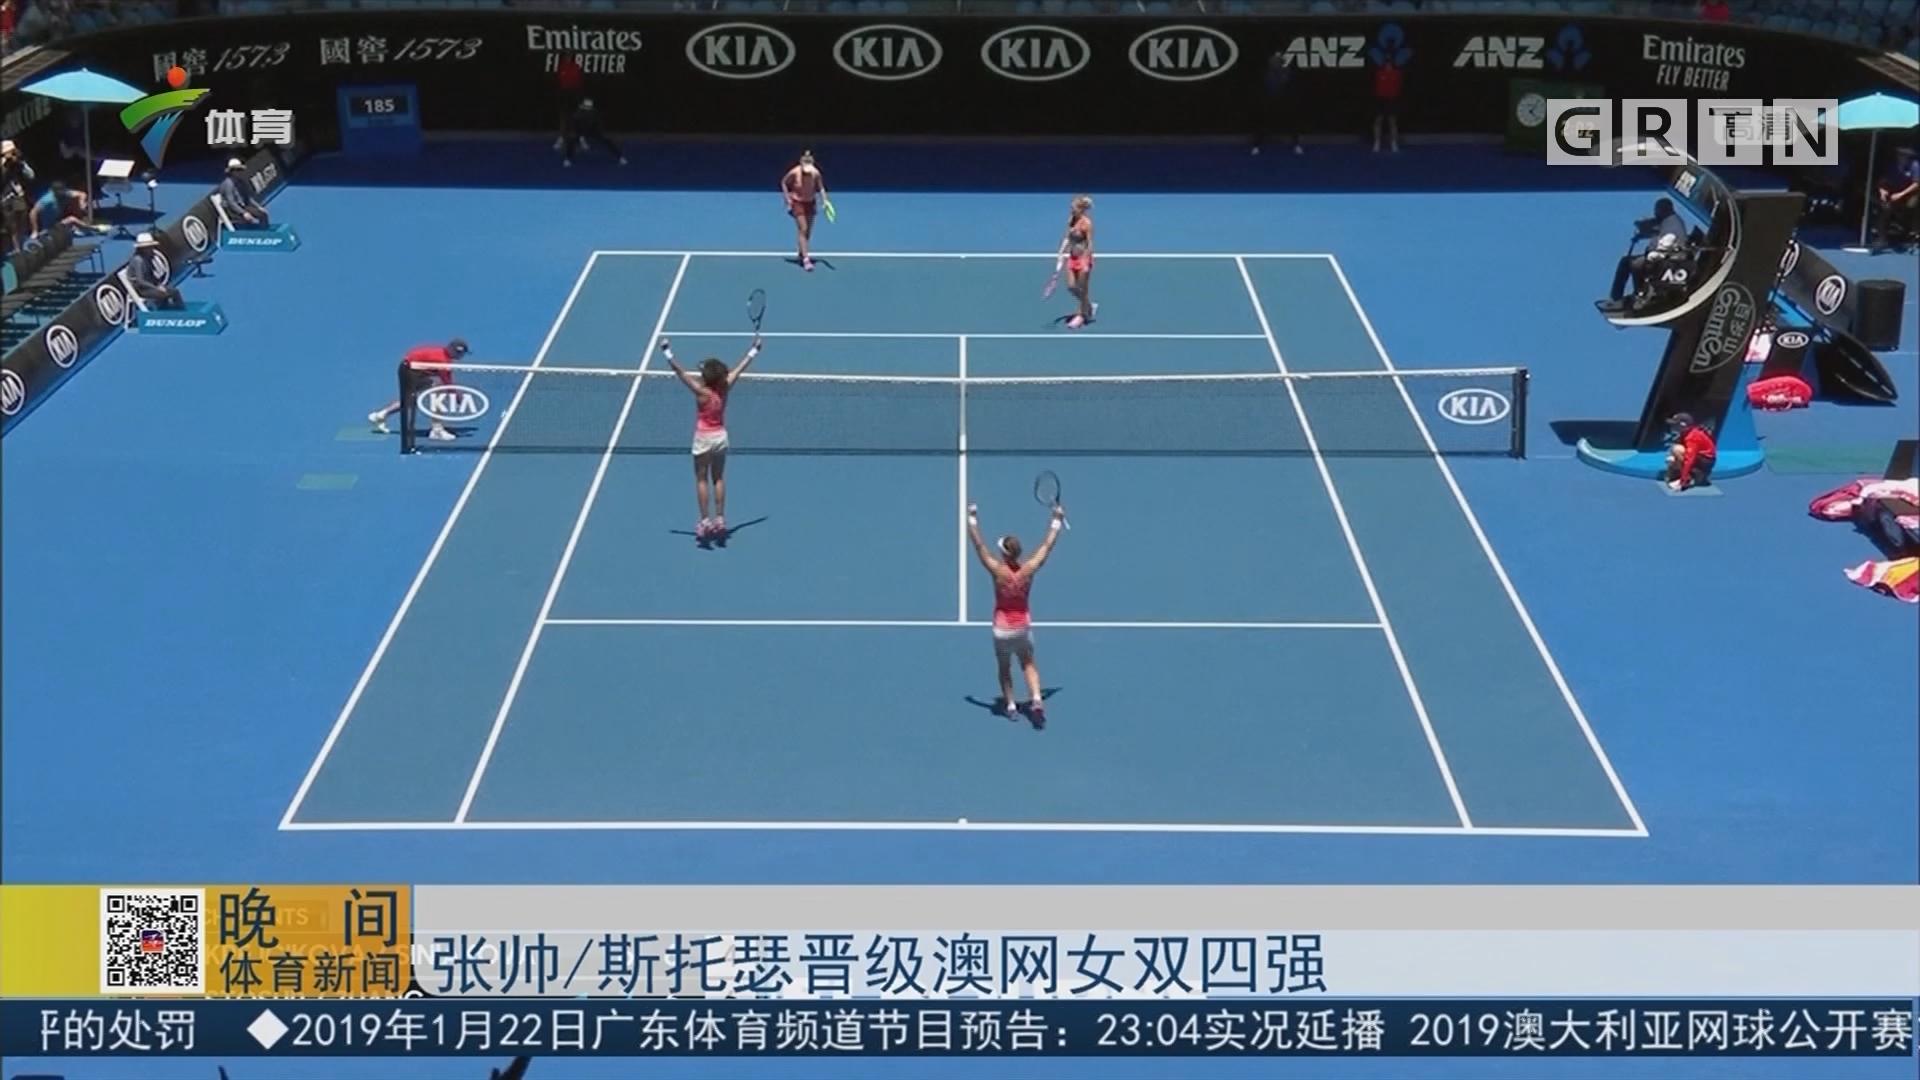 张帅/斯托瑟晋级澳网女双四强